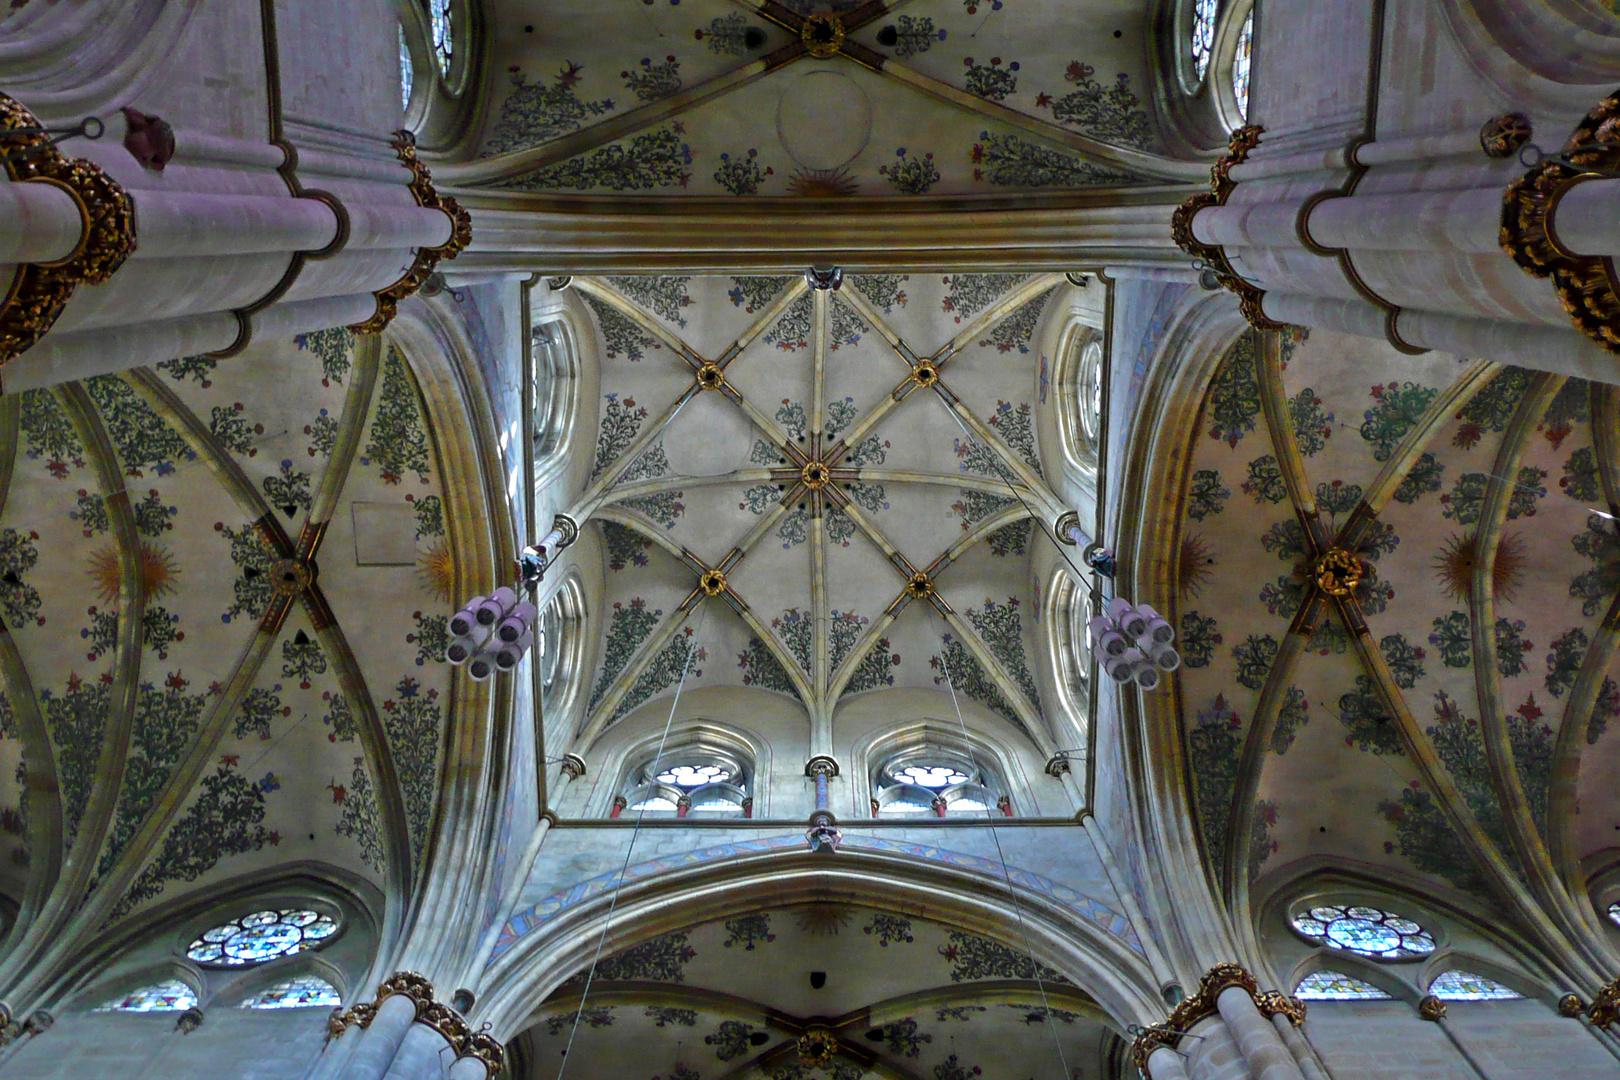 Blick in die Kuppel (Vierung) der Liebfrauenkirche Trier